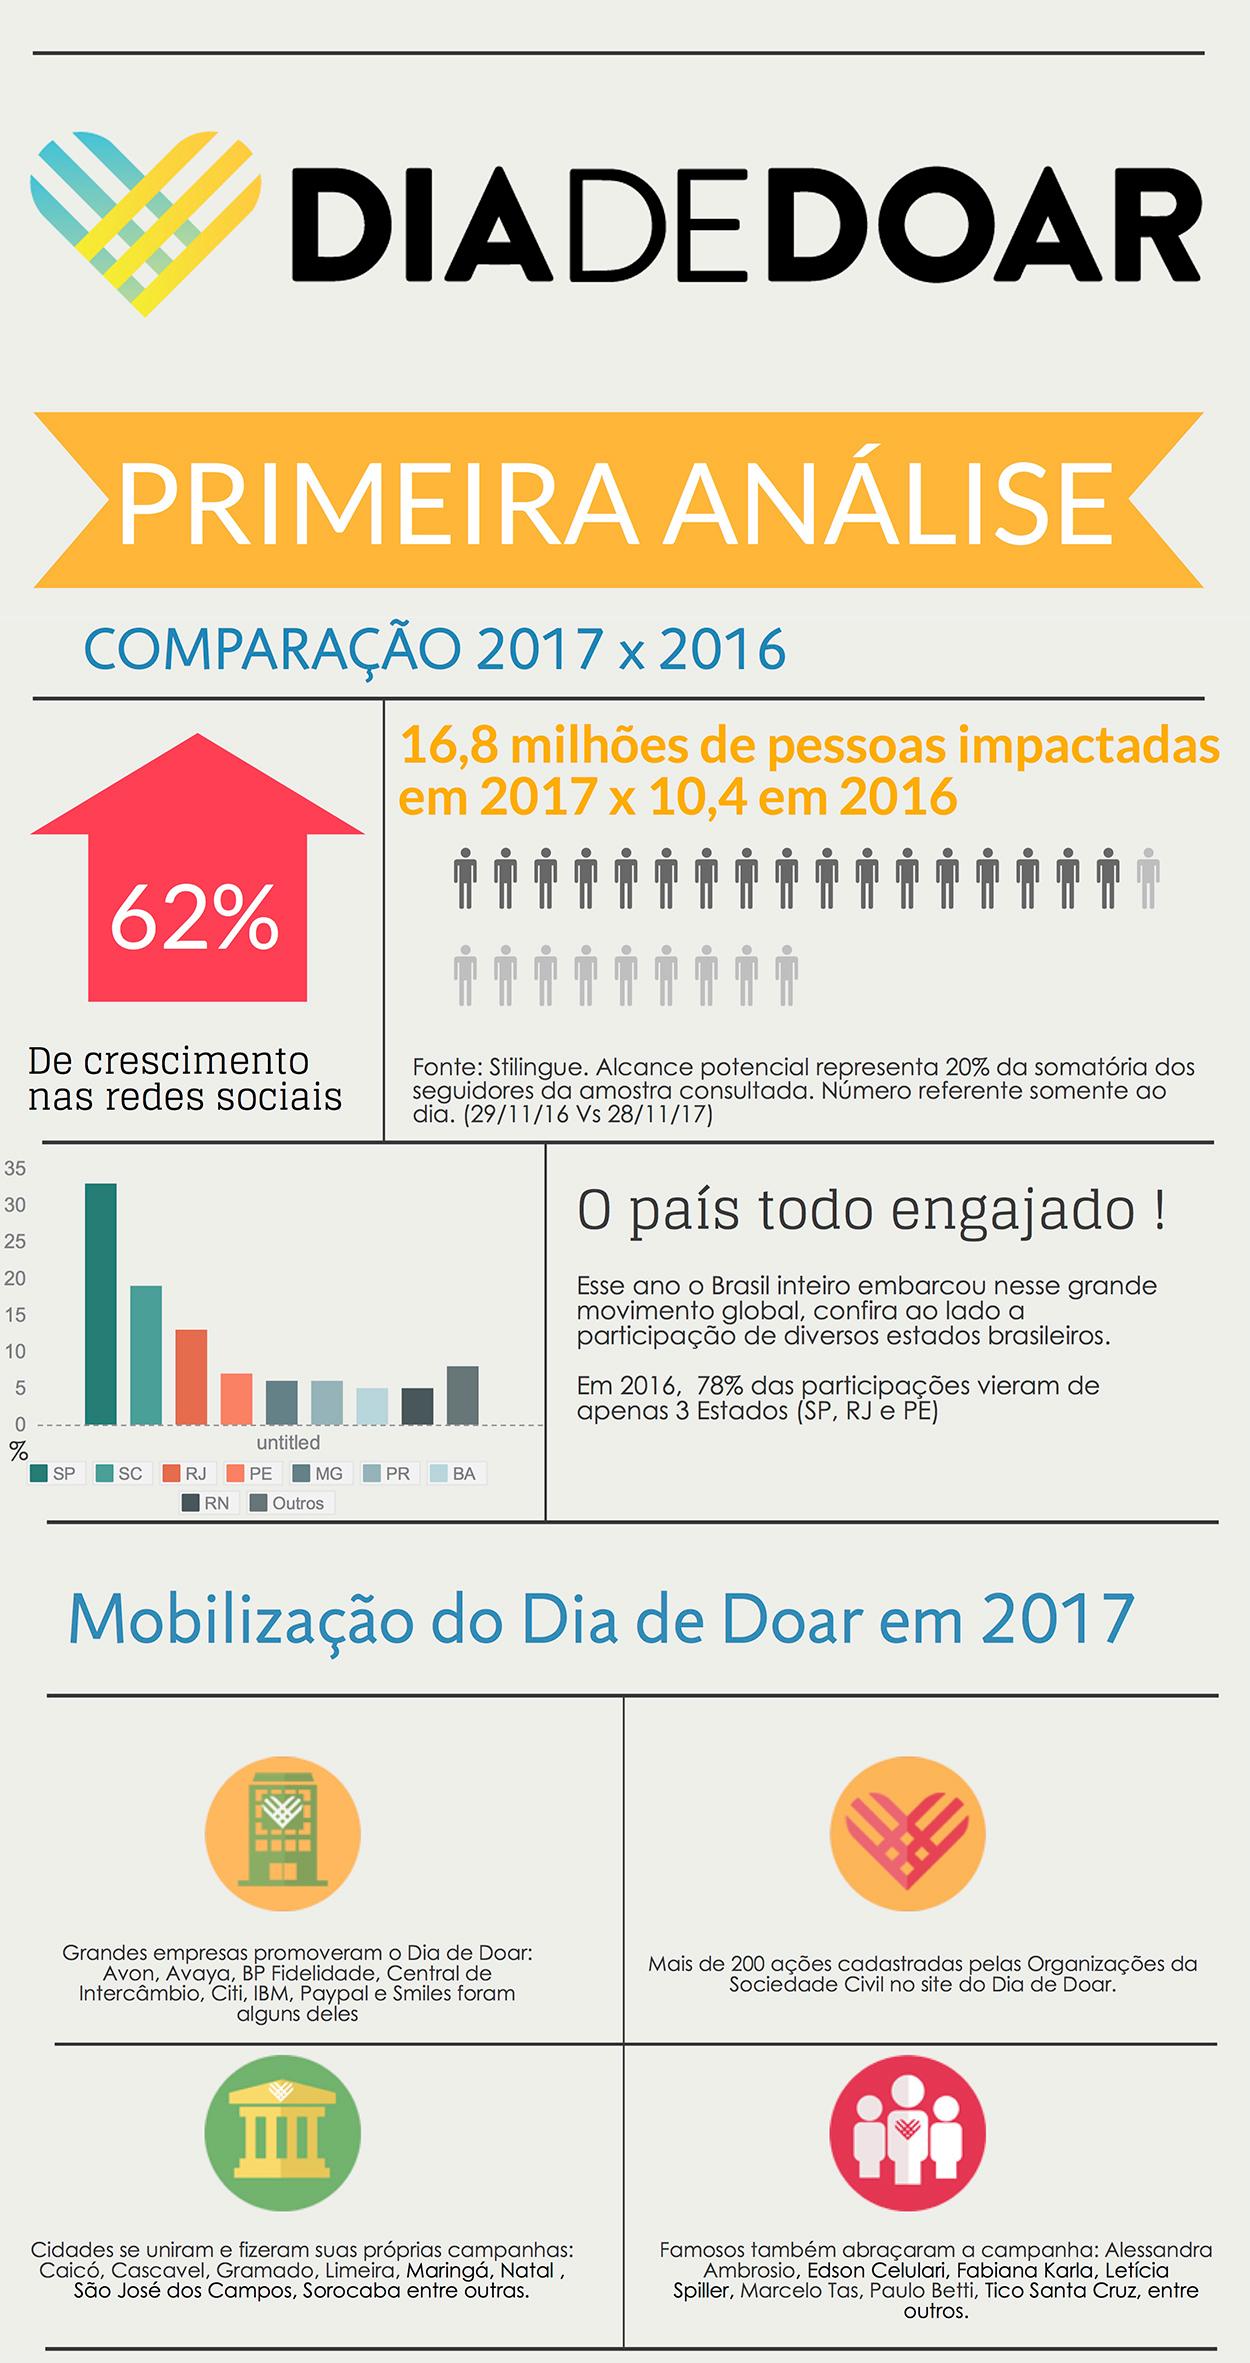 Fonte: http://www.diadedoar.org.br/alcance-do-diadedoar-nas-redes-sociais-cresceu-60-em-2017/